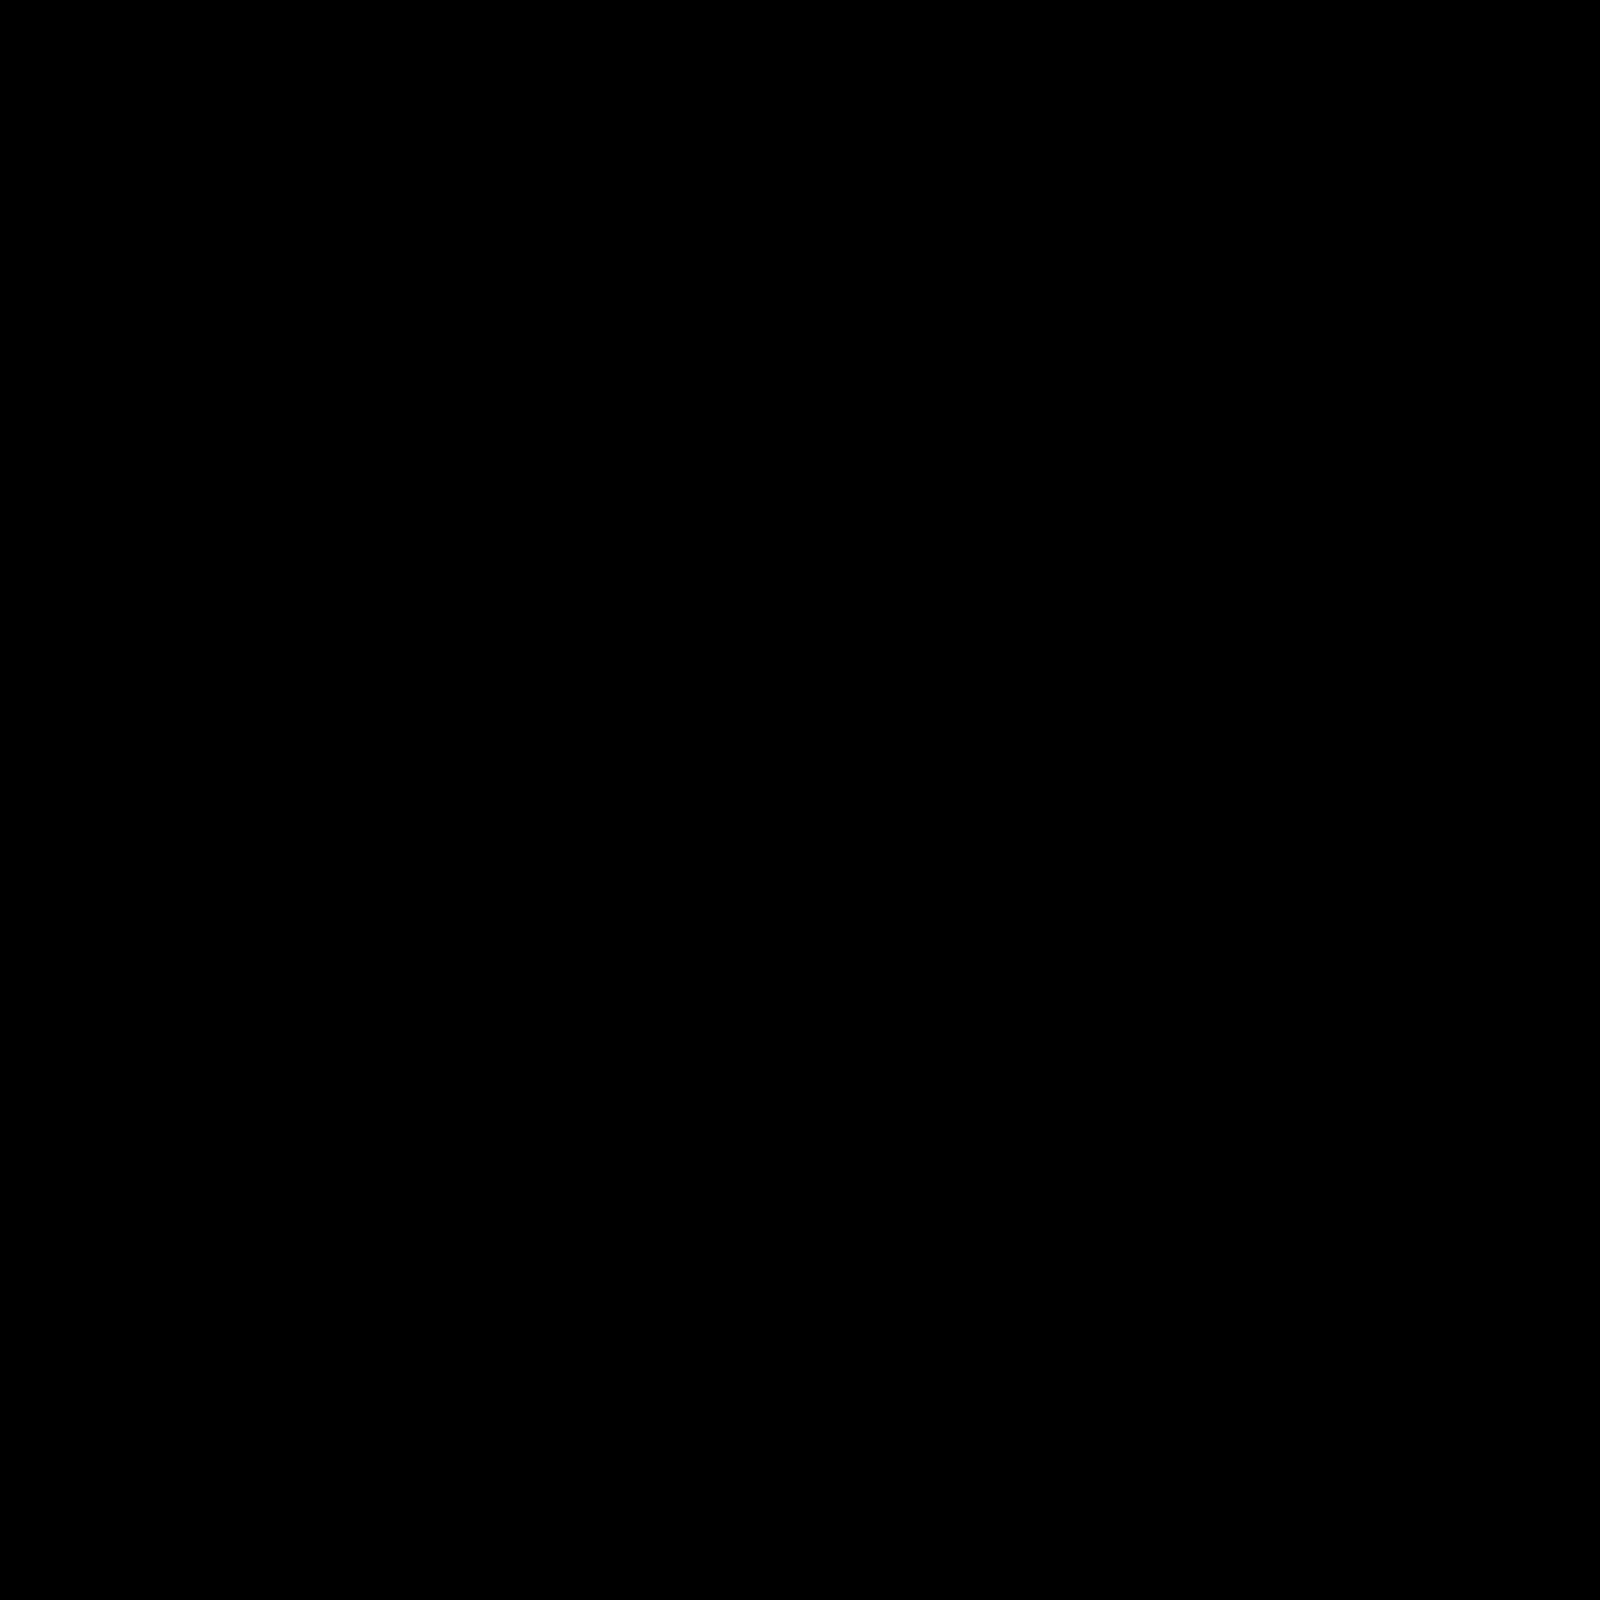 キュー icon. It's a logo of Queue reduced to the top half of three people standing behind each other. It looks like three people waiting in line. Which is similar to what a queue is.